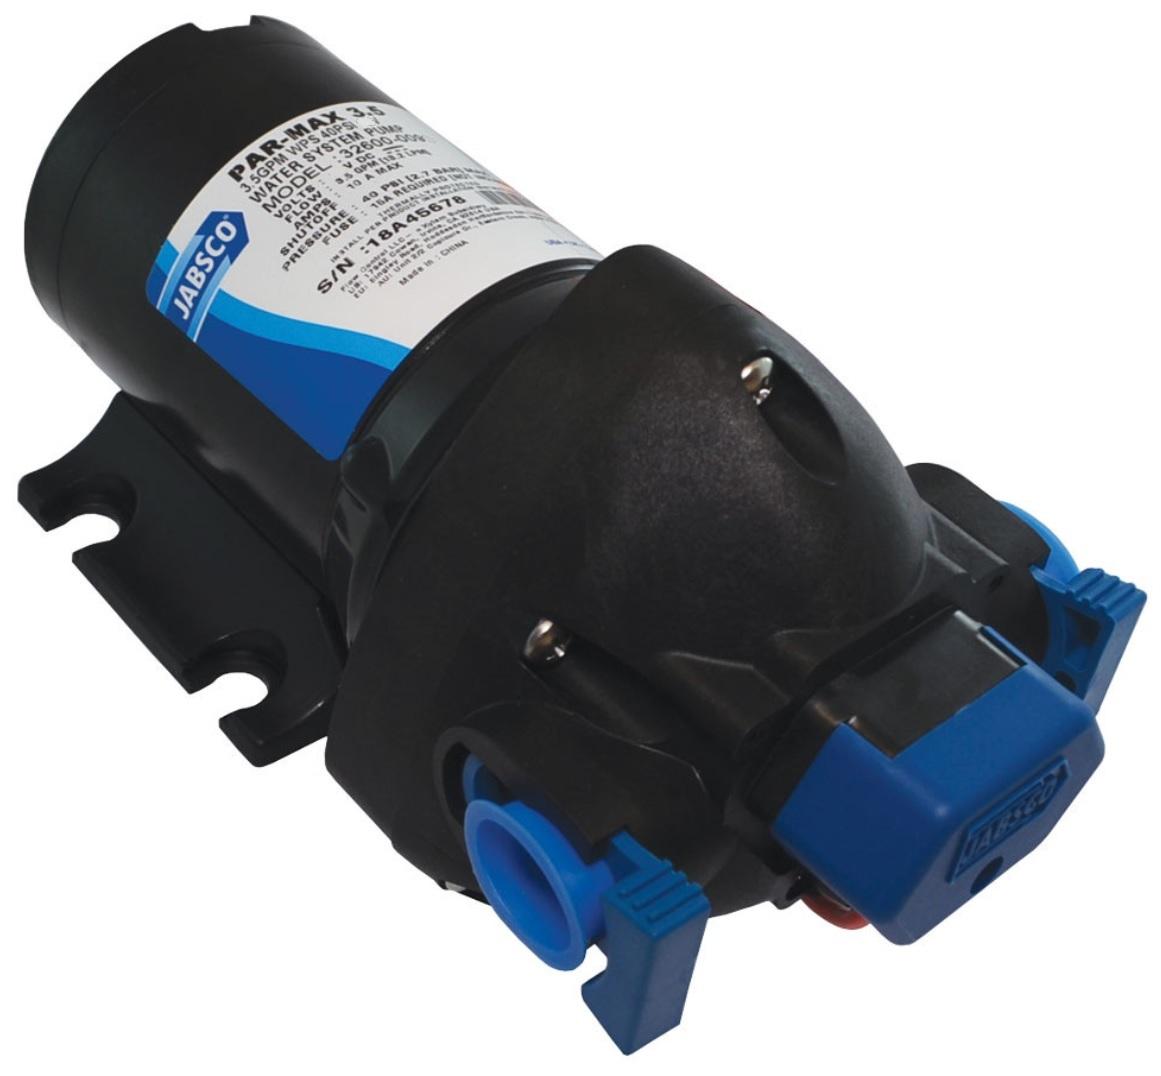 Bomba de Pressurização Automática Jabsco PAR-Max 3.5 GPM 24V 40 PSI para Barcos e Lanchas